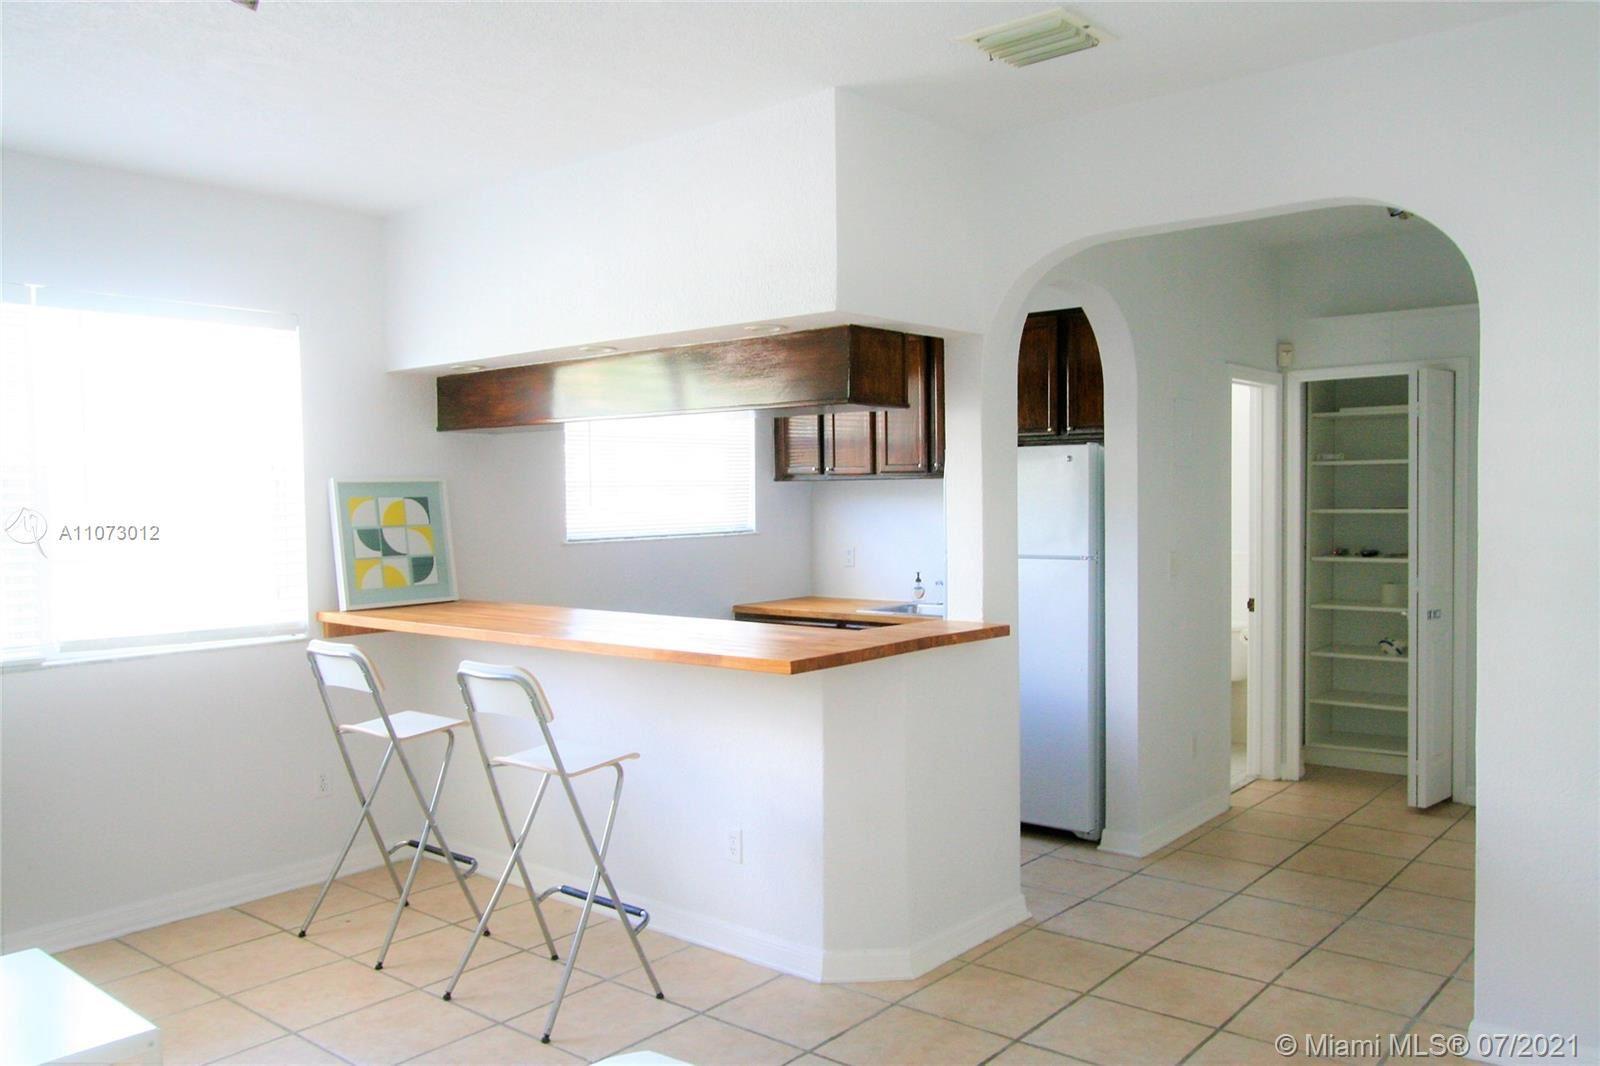 359 MERIDIAN AV #A-208, Miami Beach, FL 33139 - #: A11073012